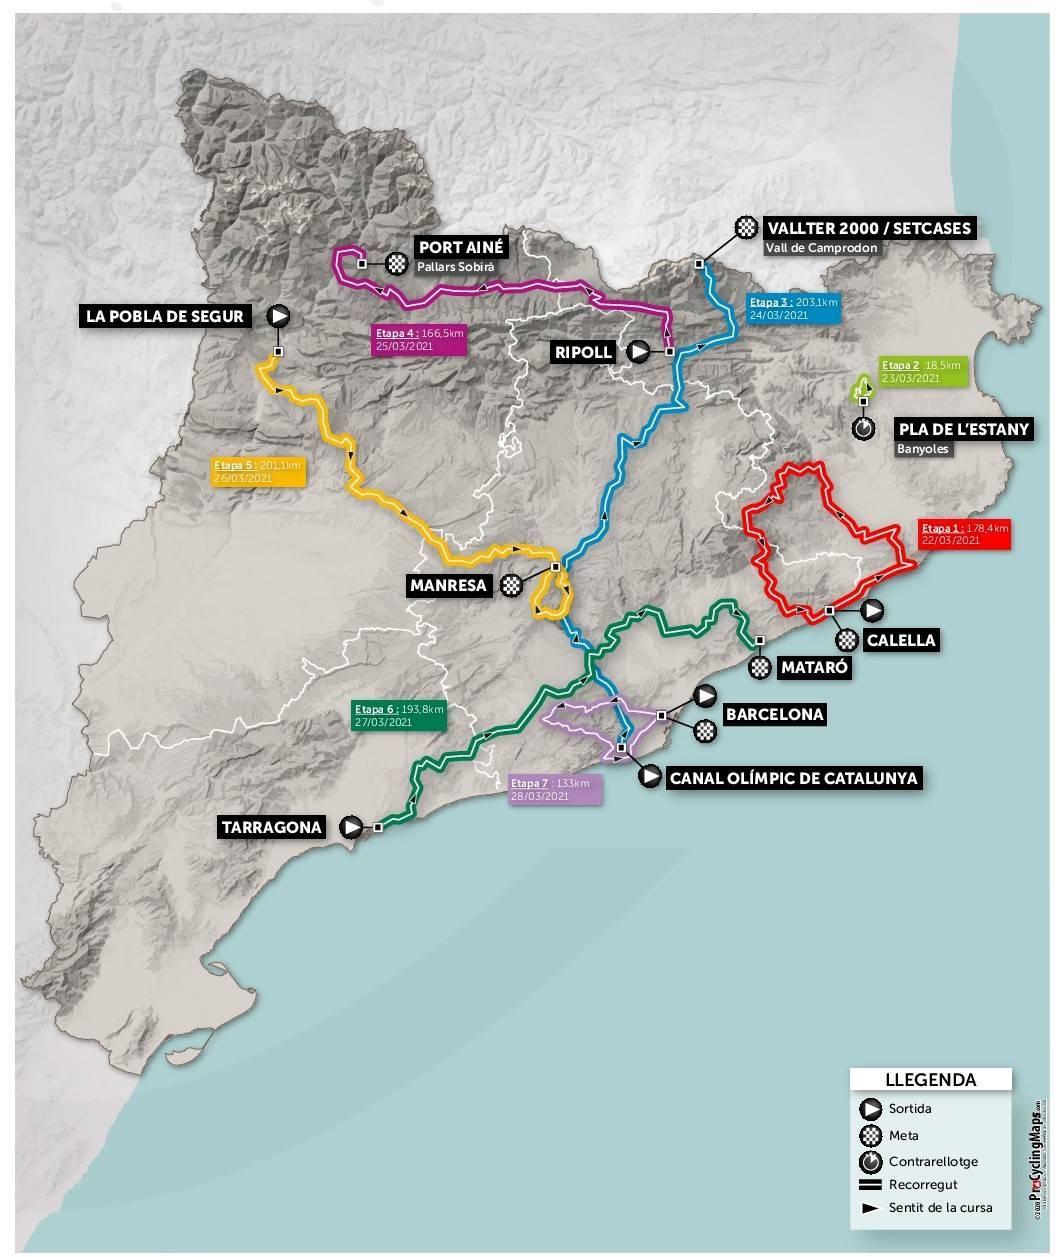 2aeb1 - Volta a Cataluña 2021, la edición centenaria